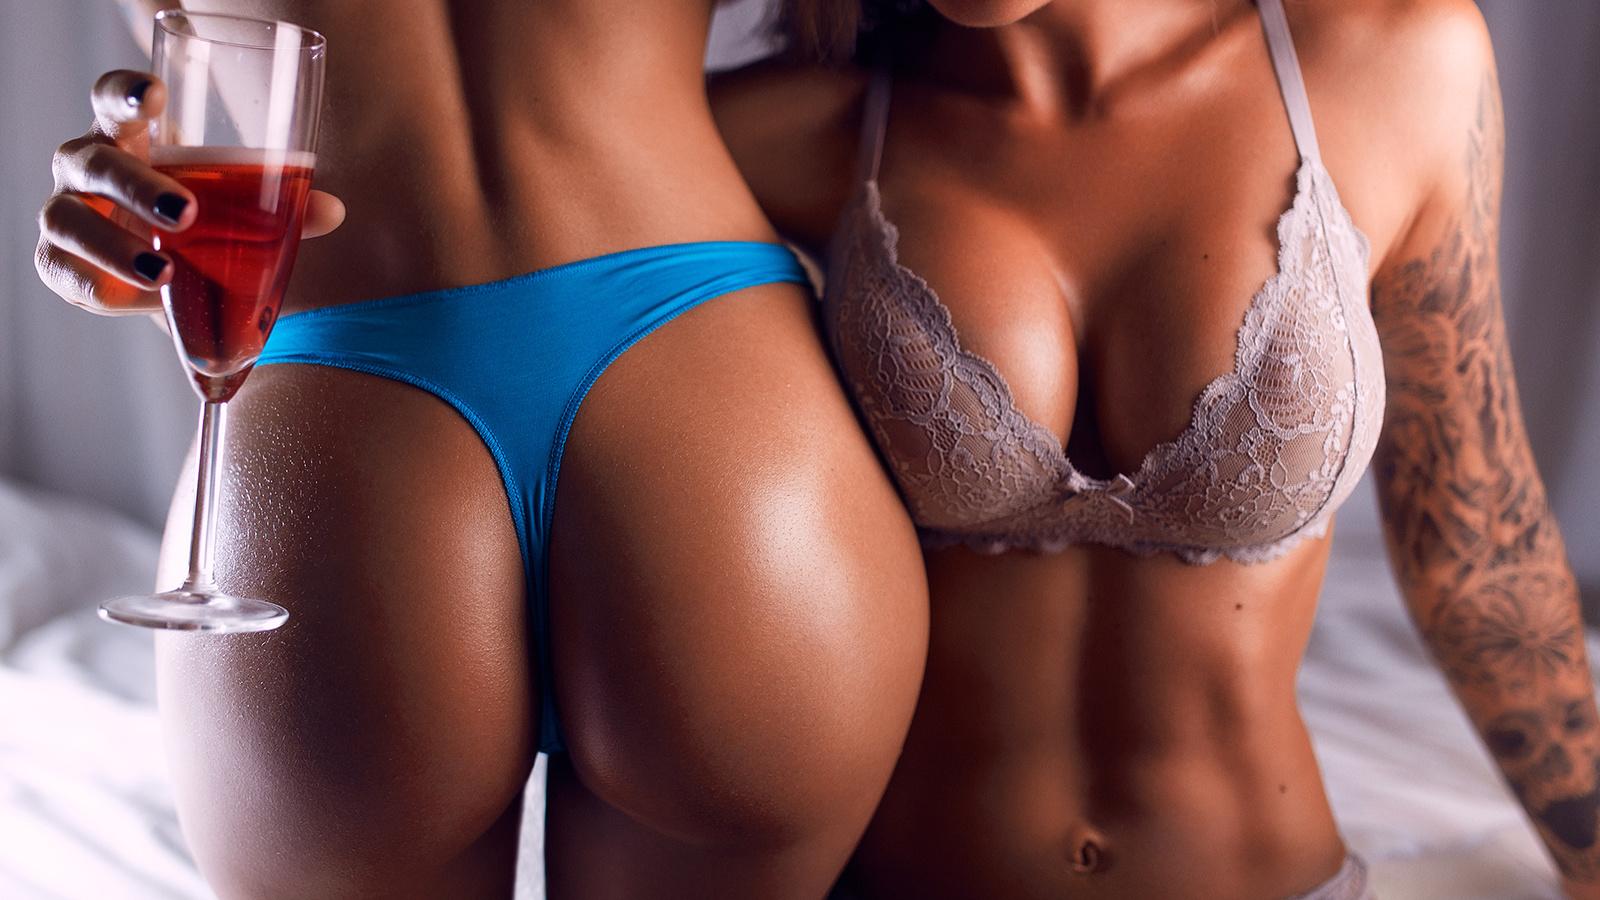 Фото Голых Девушек Двойное